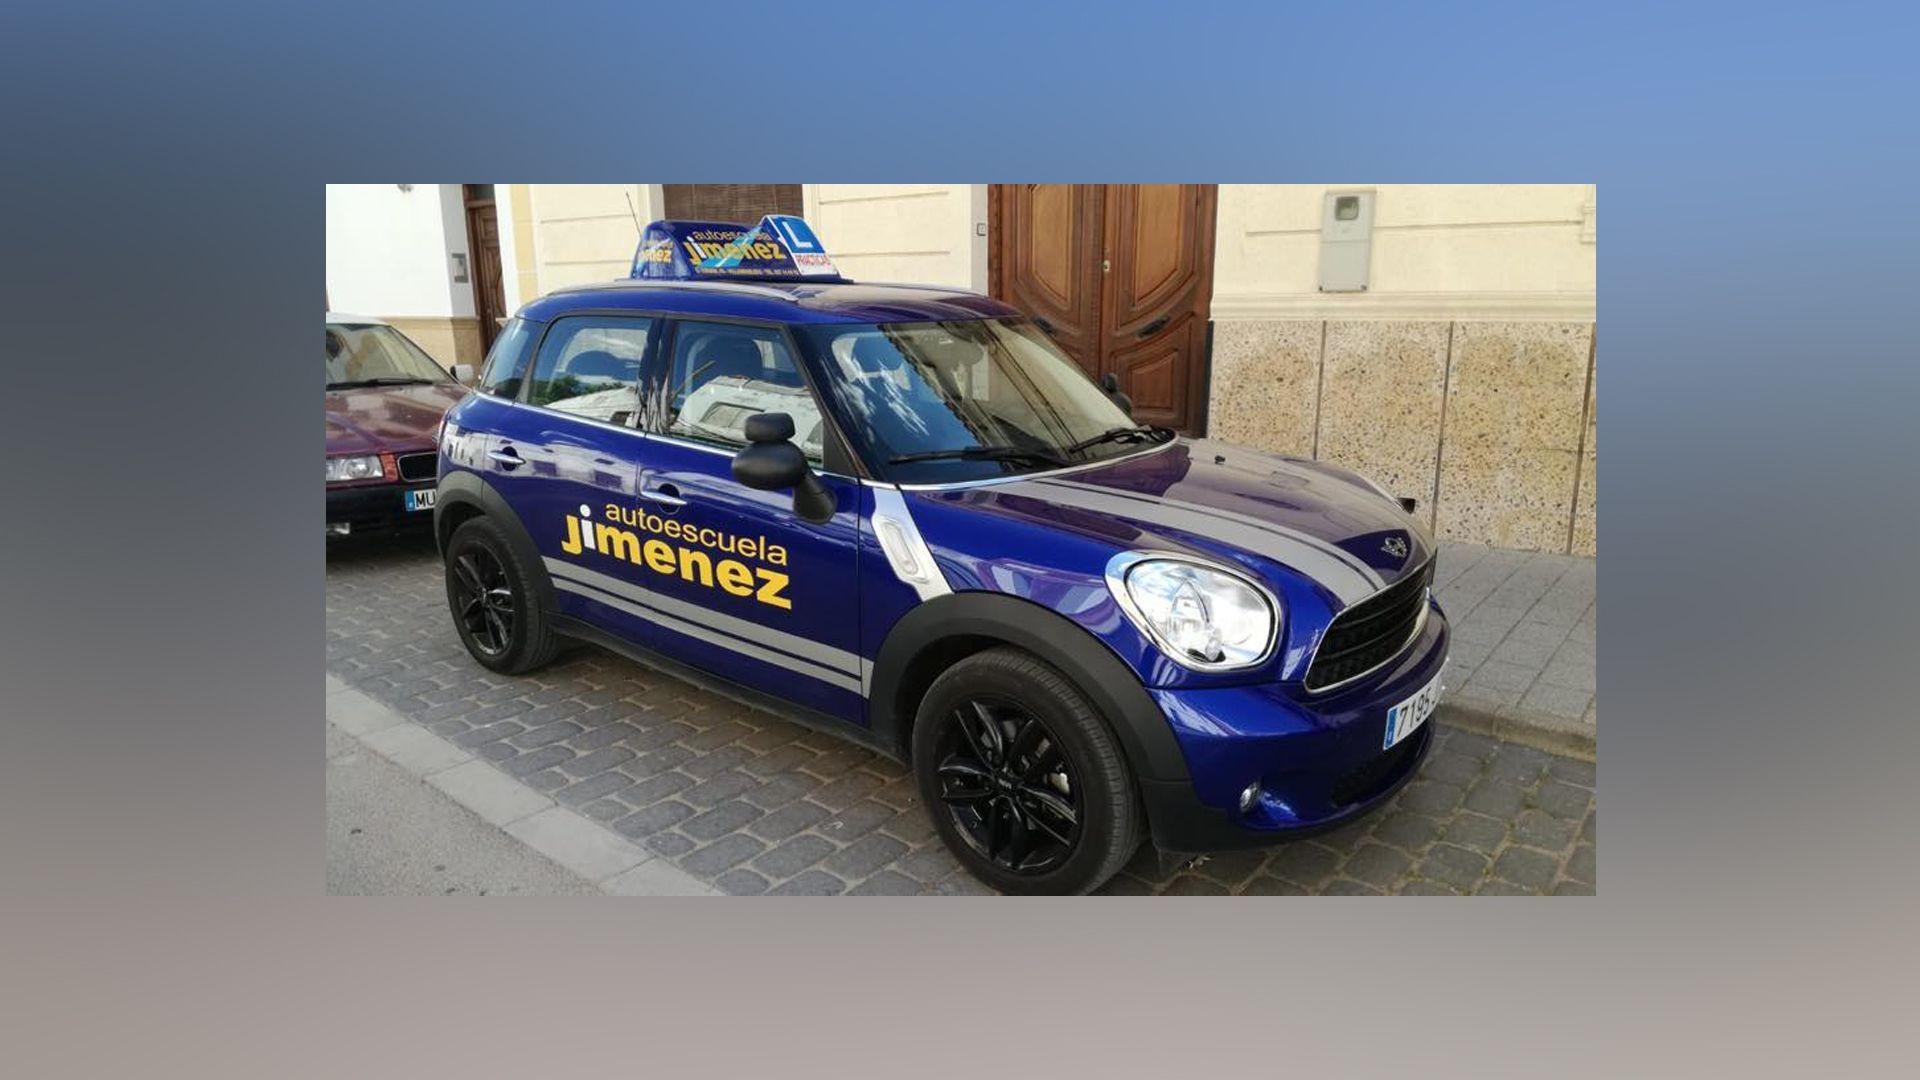 Autoescuela en Albacete